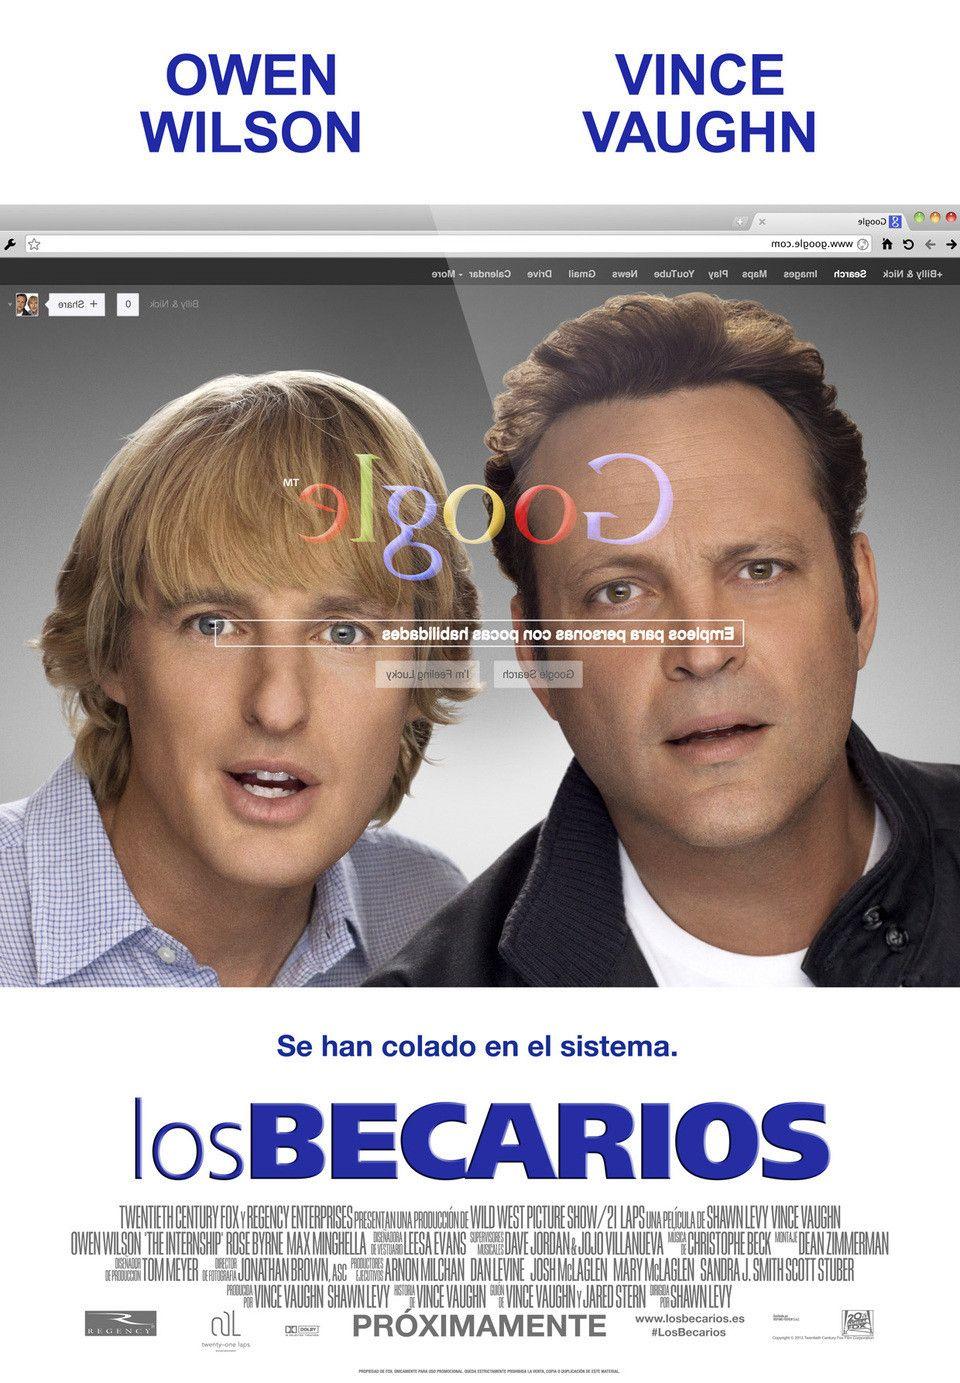 Ver Los Becarios Online Gratis 2013 Hd Película Completa Español Free Movies Online Internship Full Movies Online Free